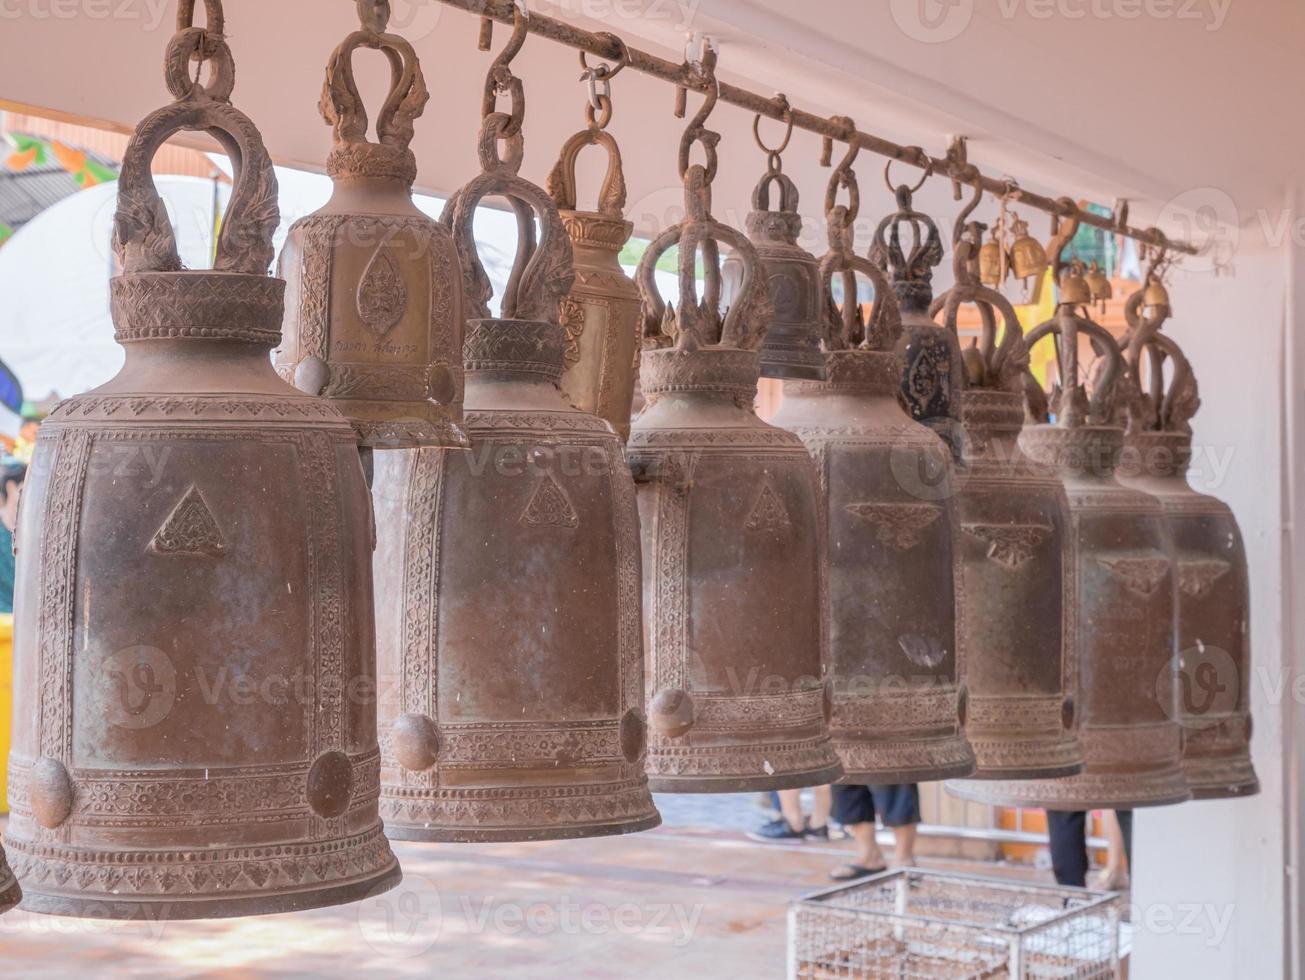 klockor i ett buddhistiskt tempel foto